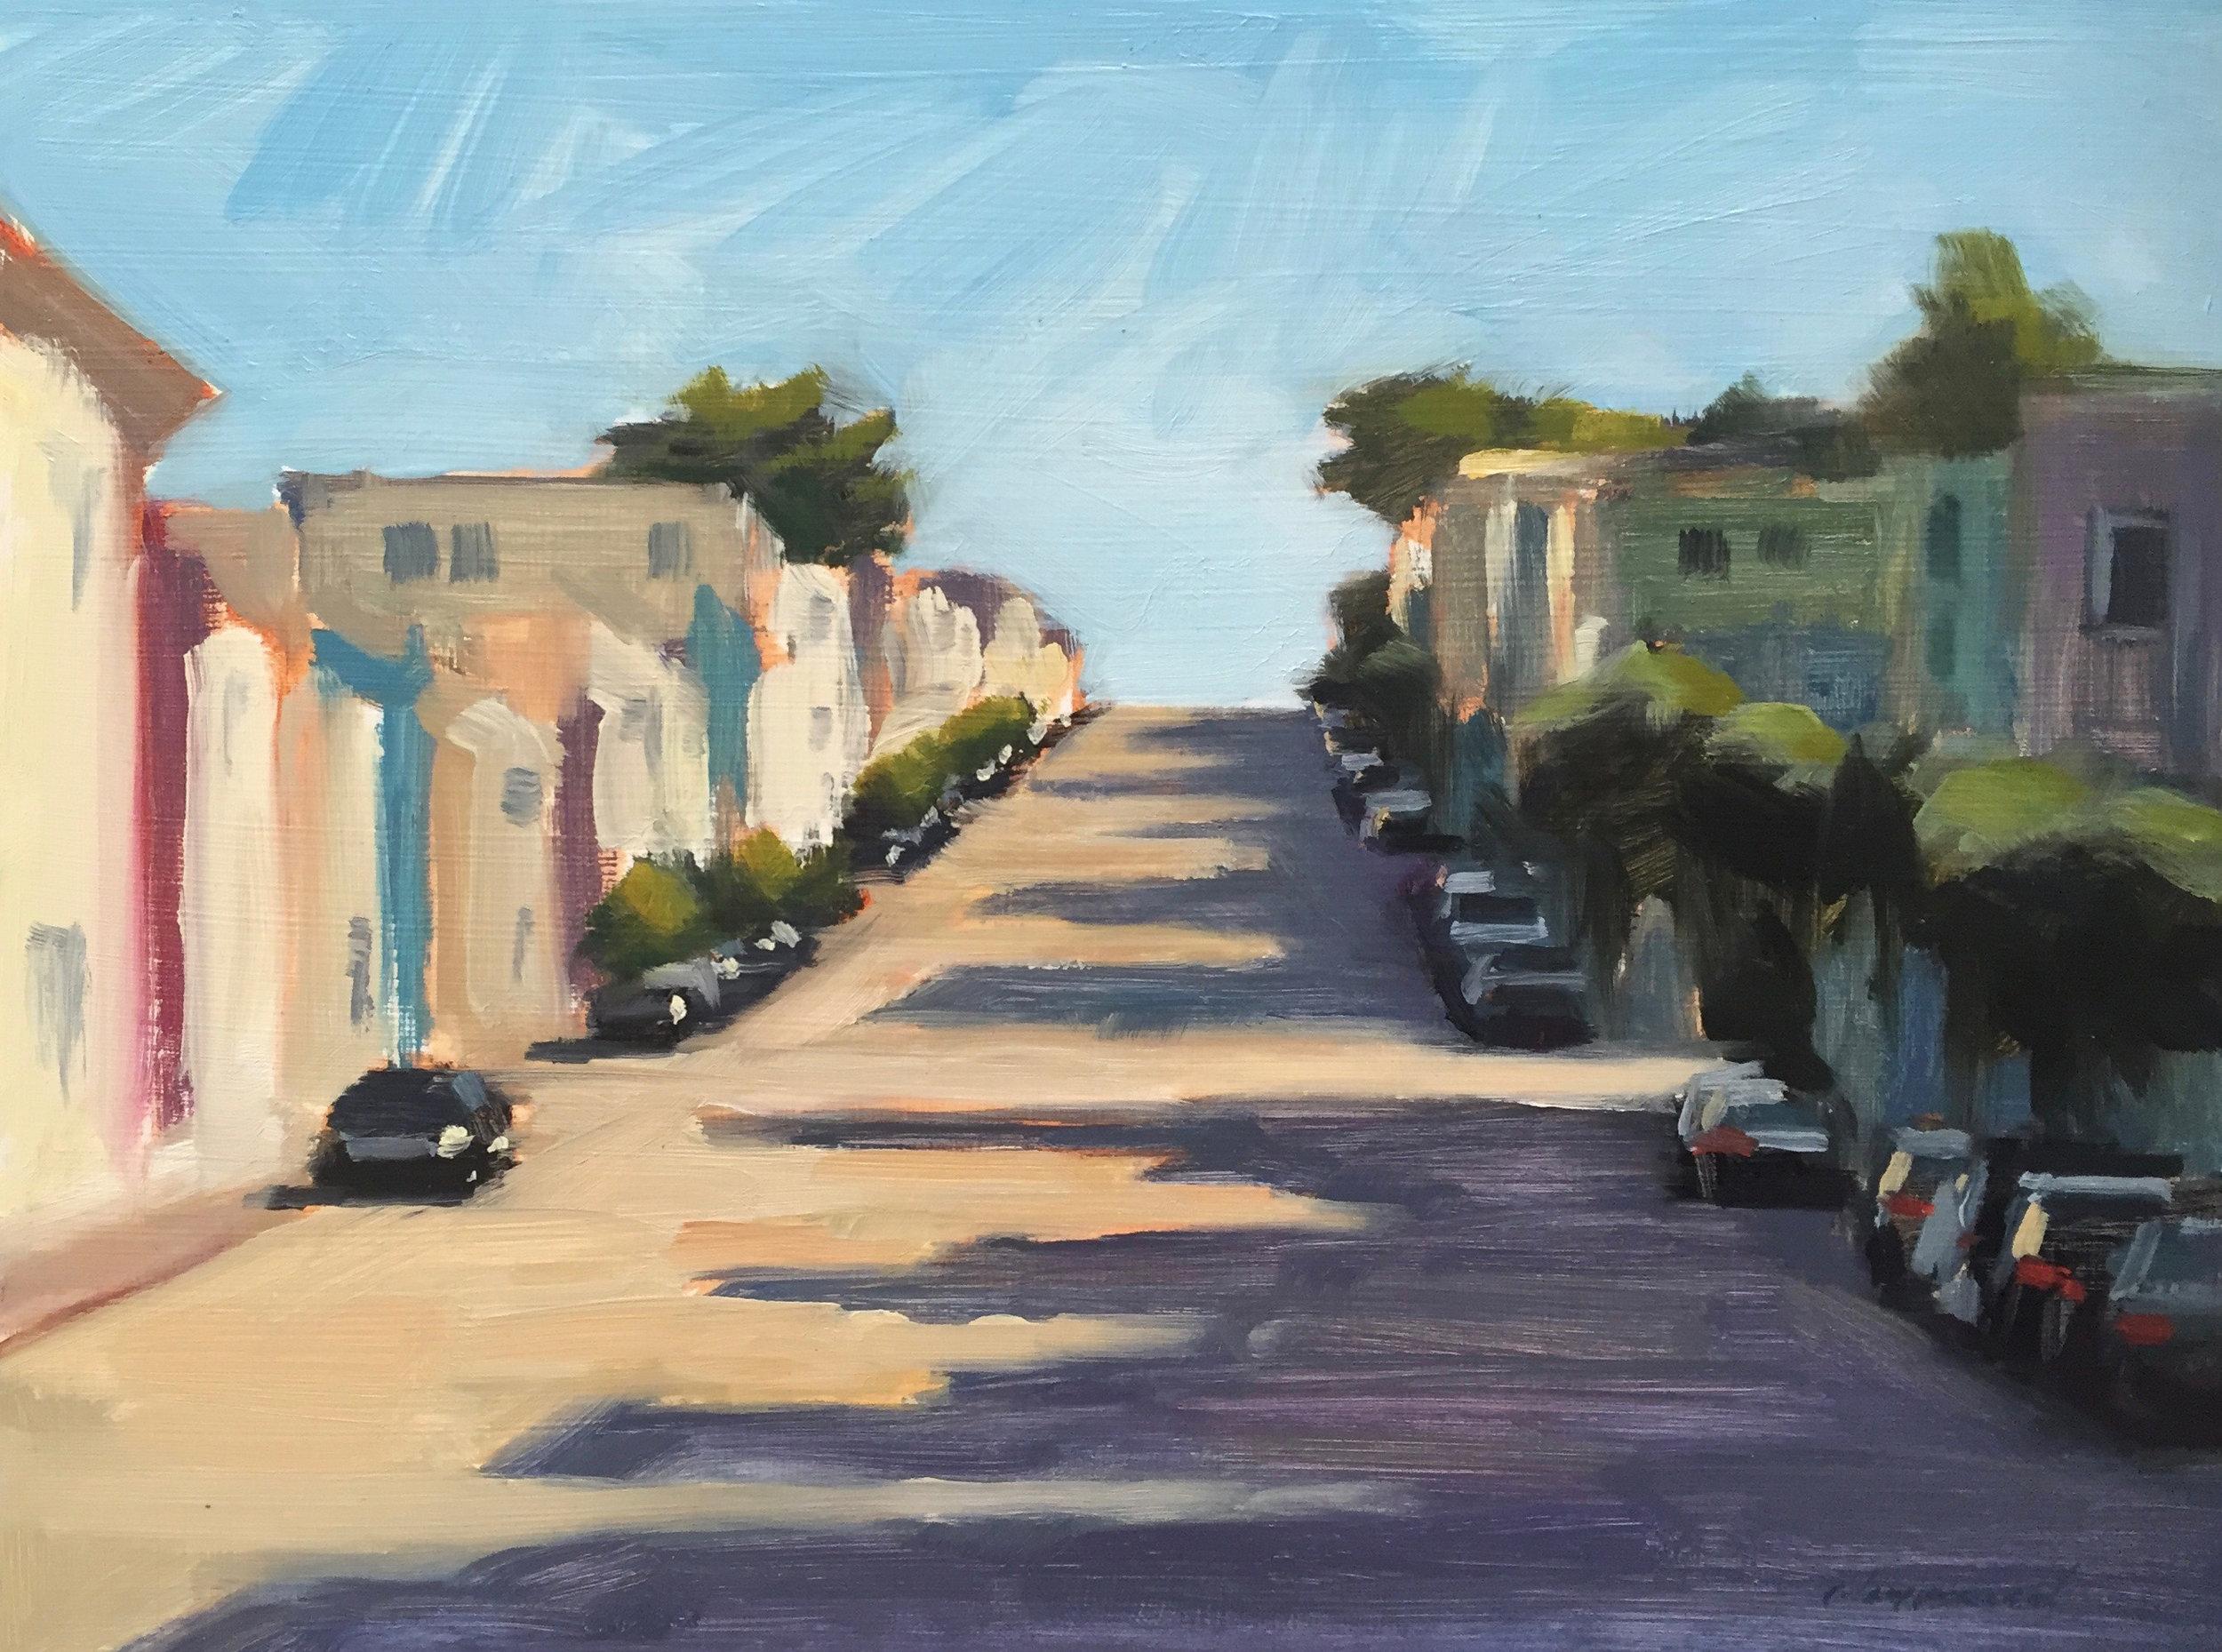 Judah Street